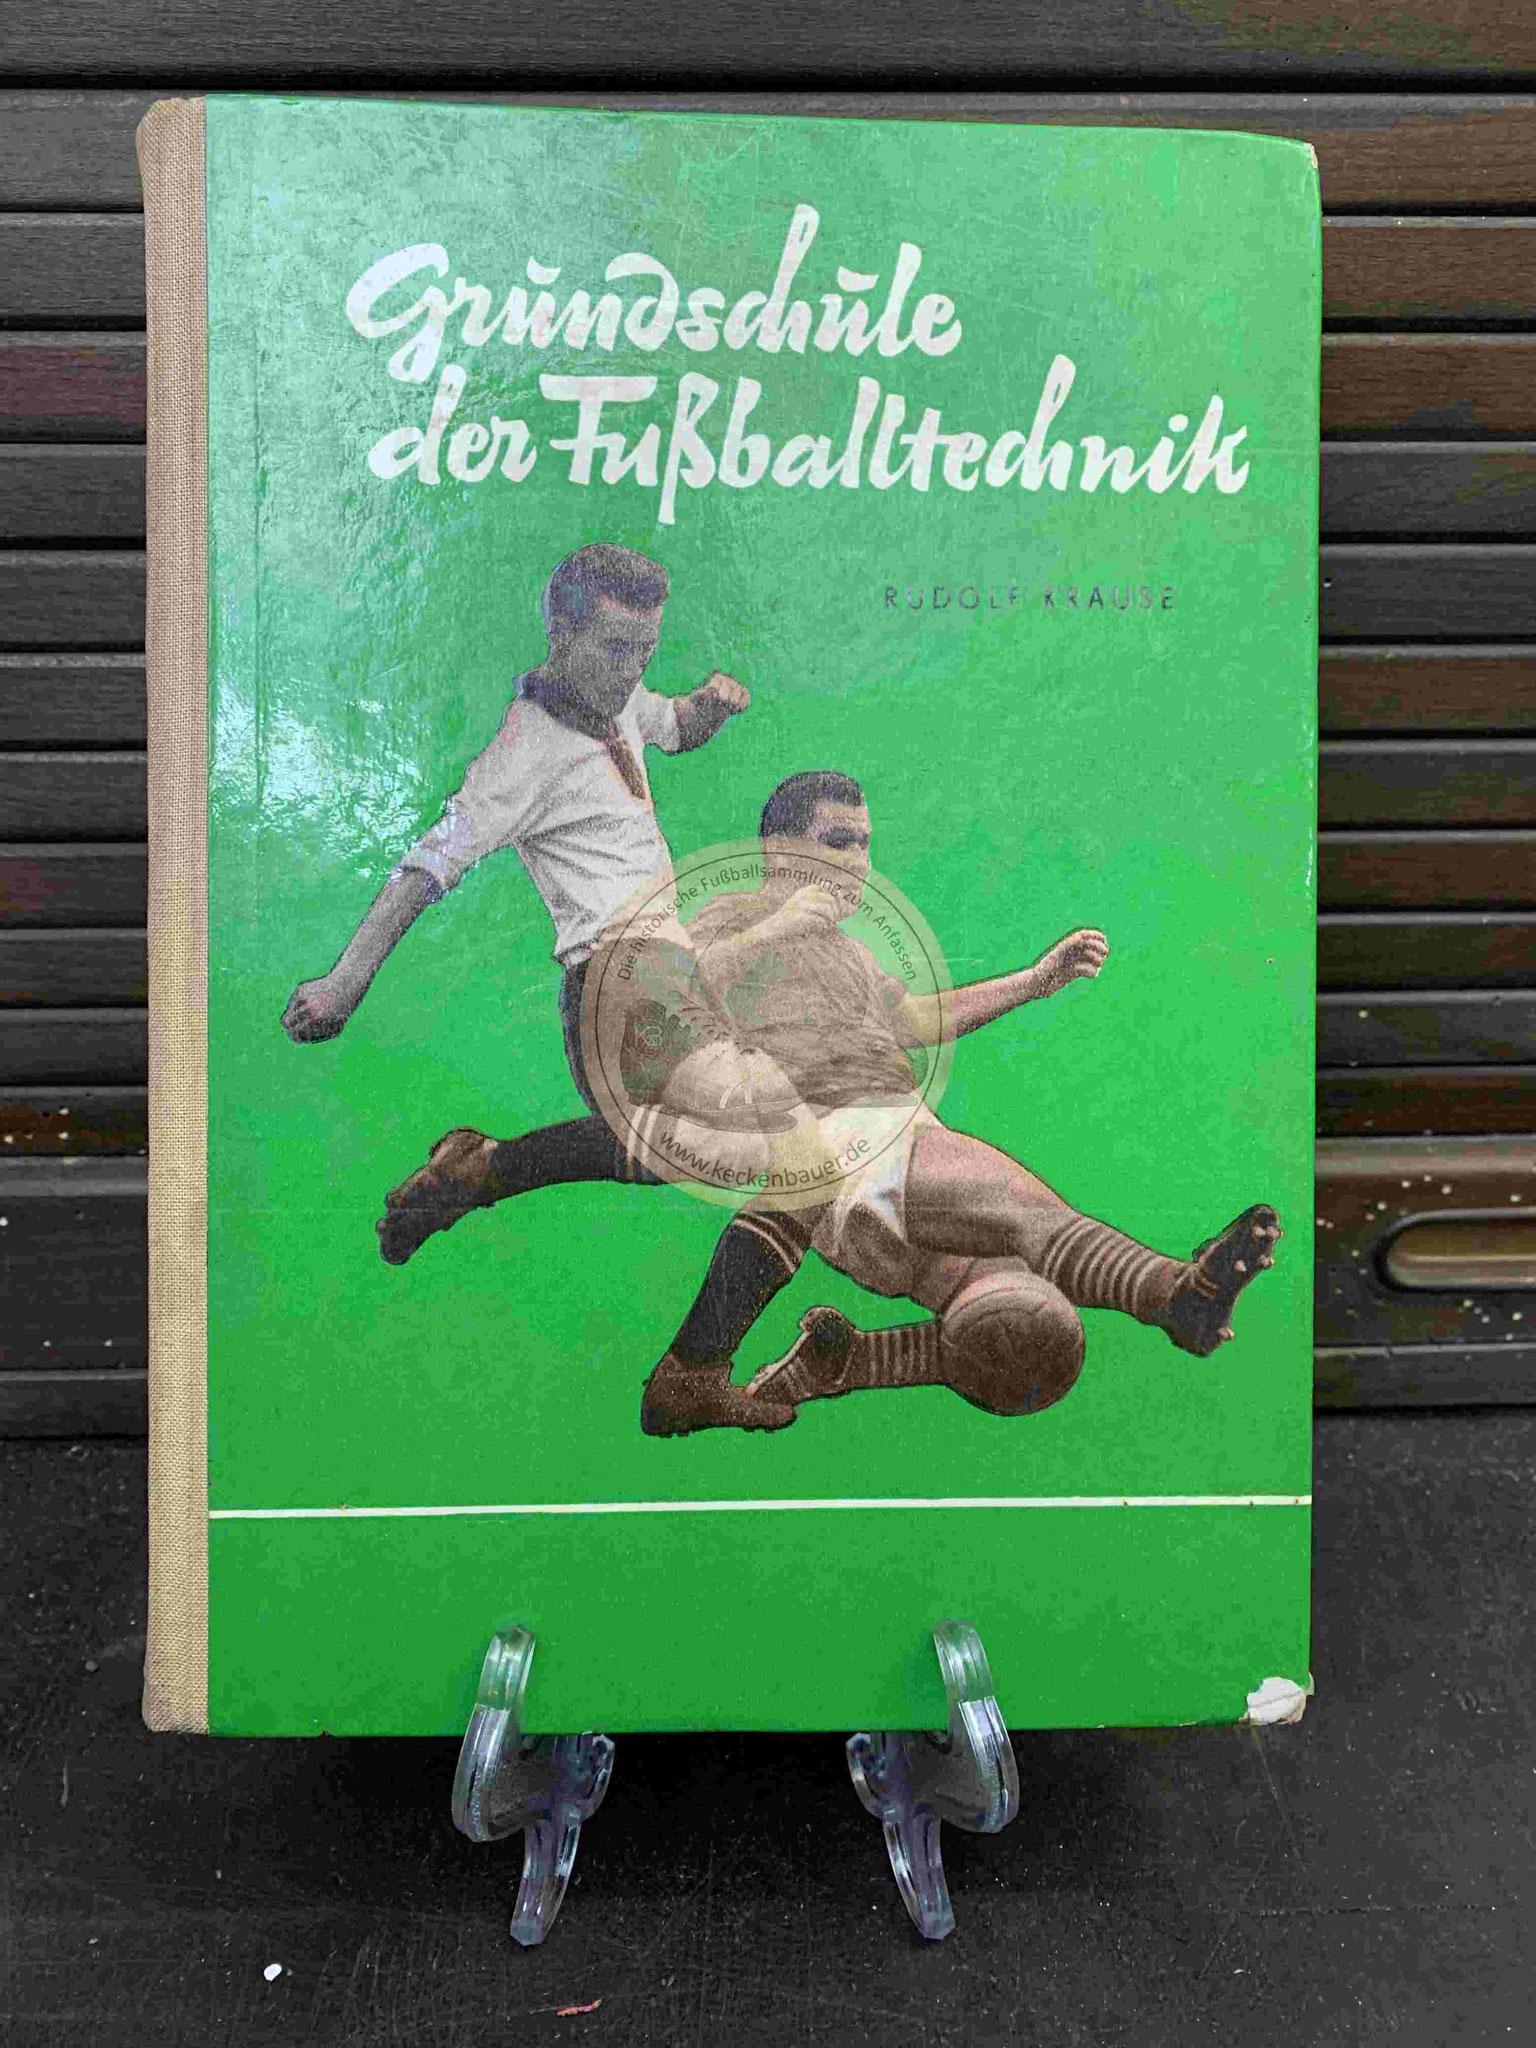 Rudolf Krause Die Grundschule der Fußballtechnik aus dem Jahr 1958